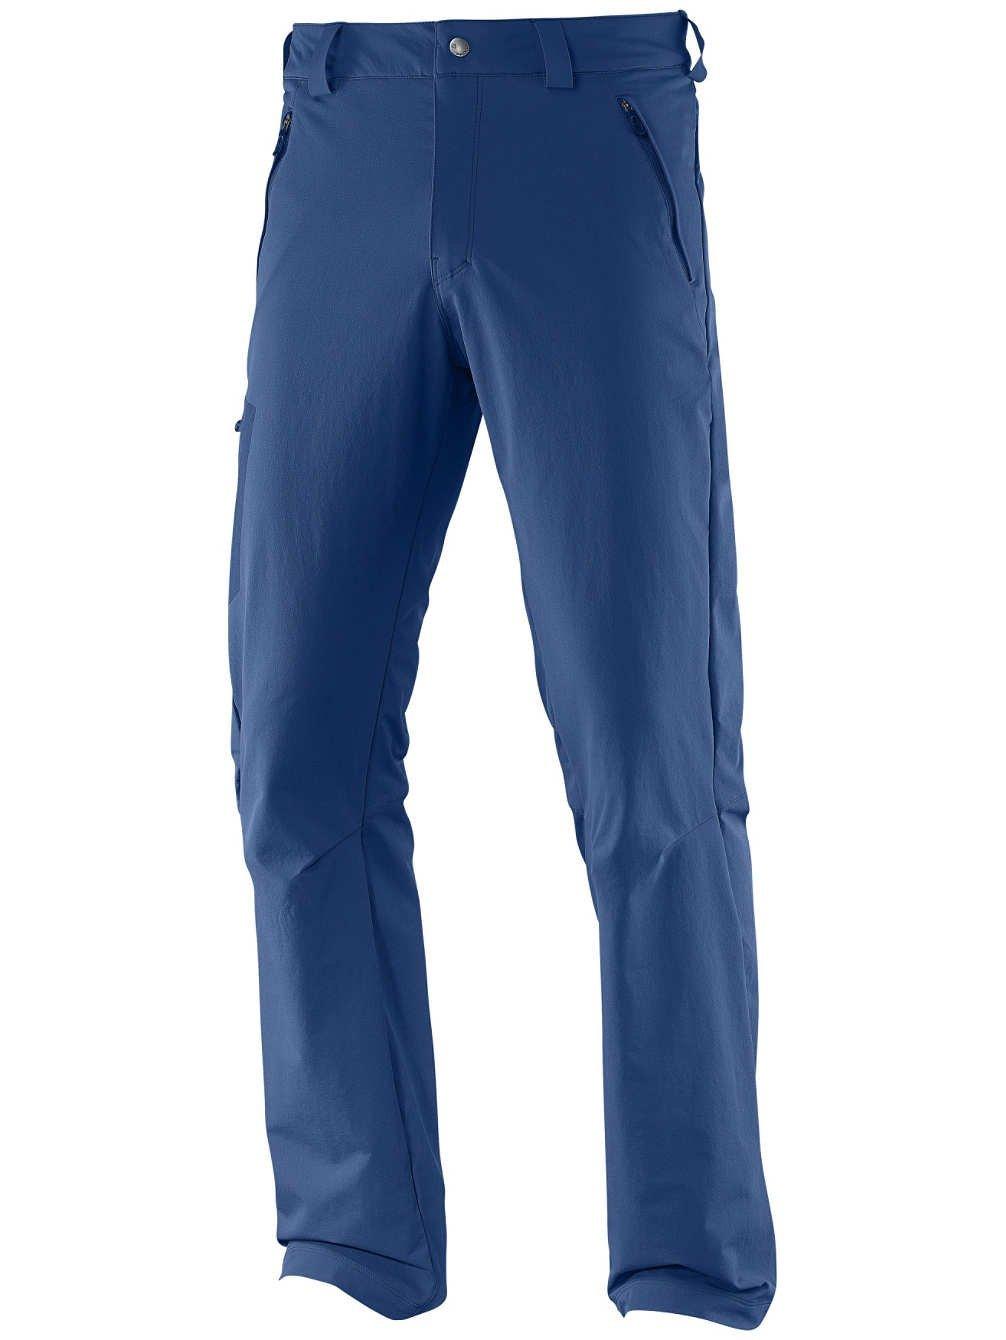 Salomon Herren Outdoor Hose Wayfarer Winter Outdoor Pants